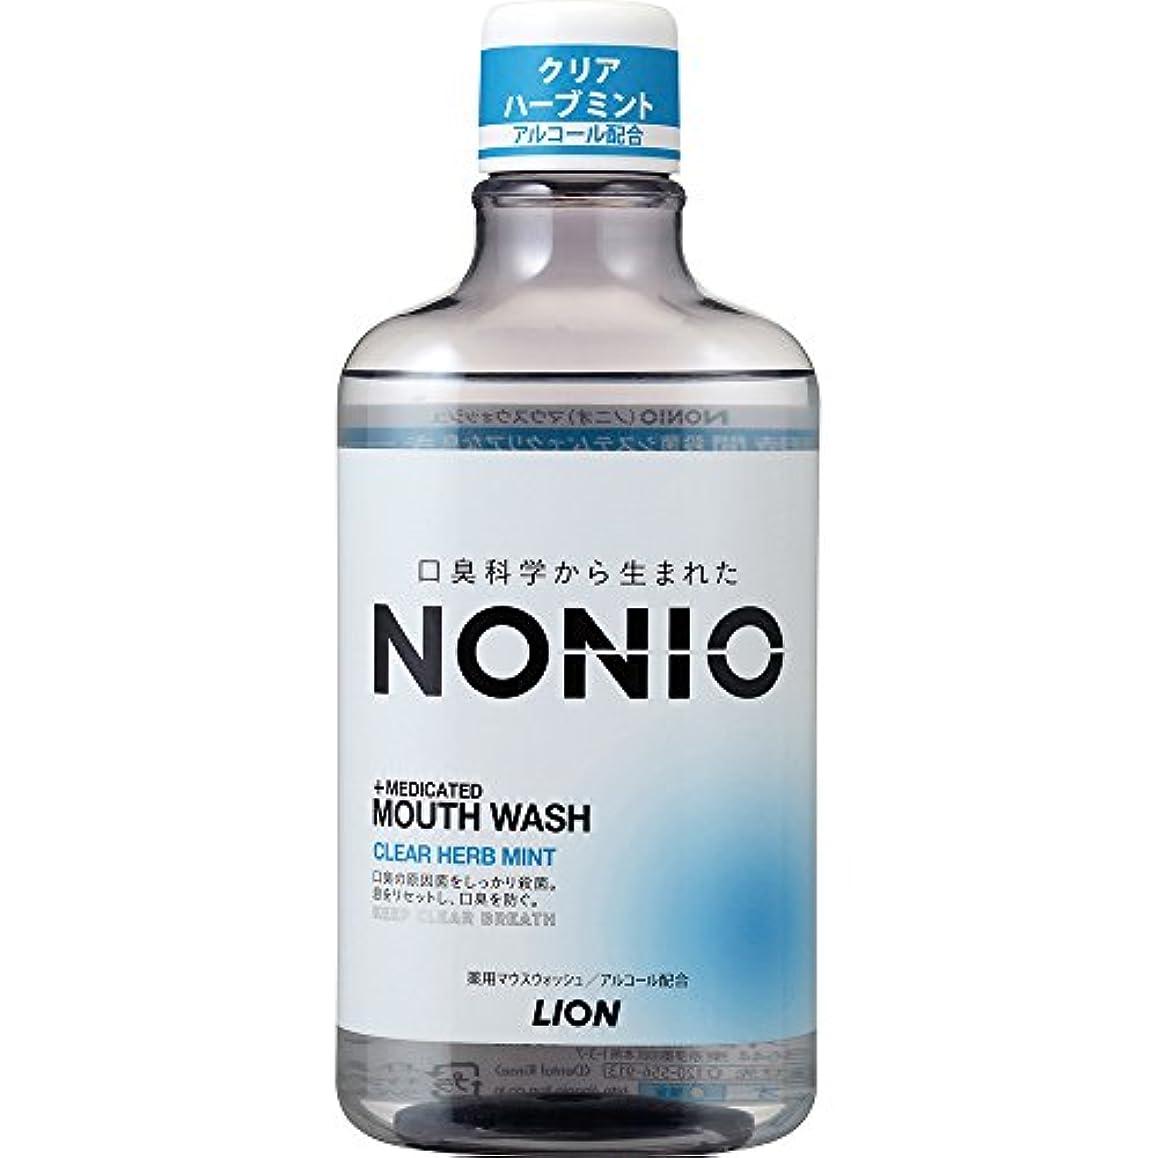 葉っぱマインド[医薬部外品]NONIO マウスウォッシュ クリアハーブミント 600ml 洗口液